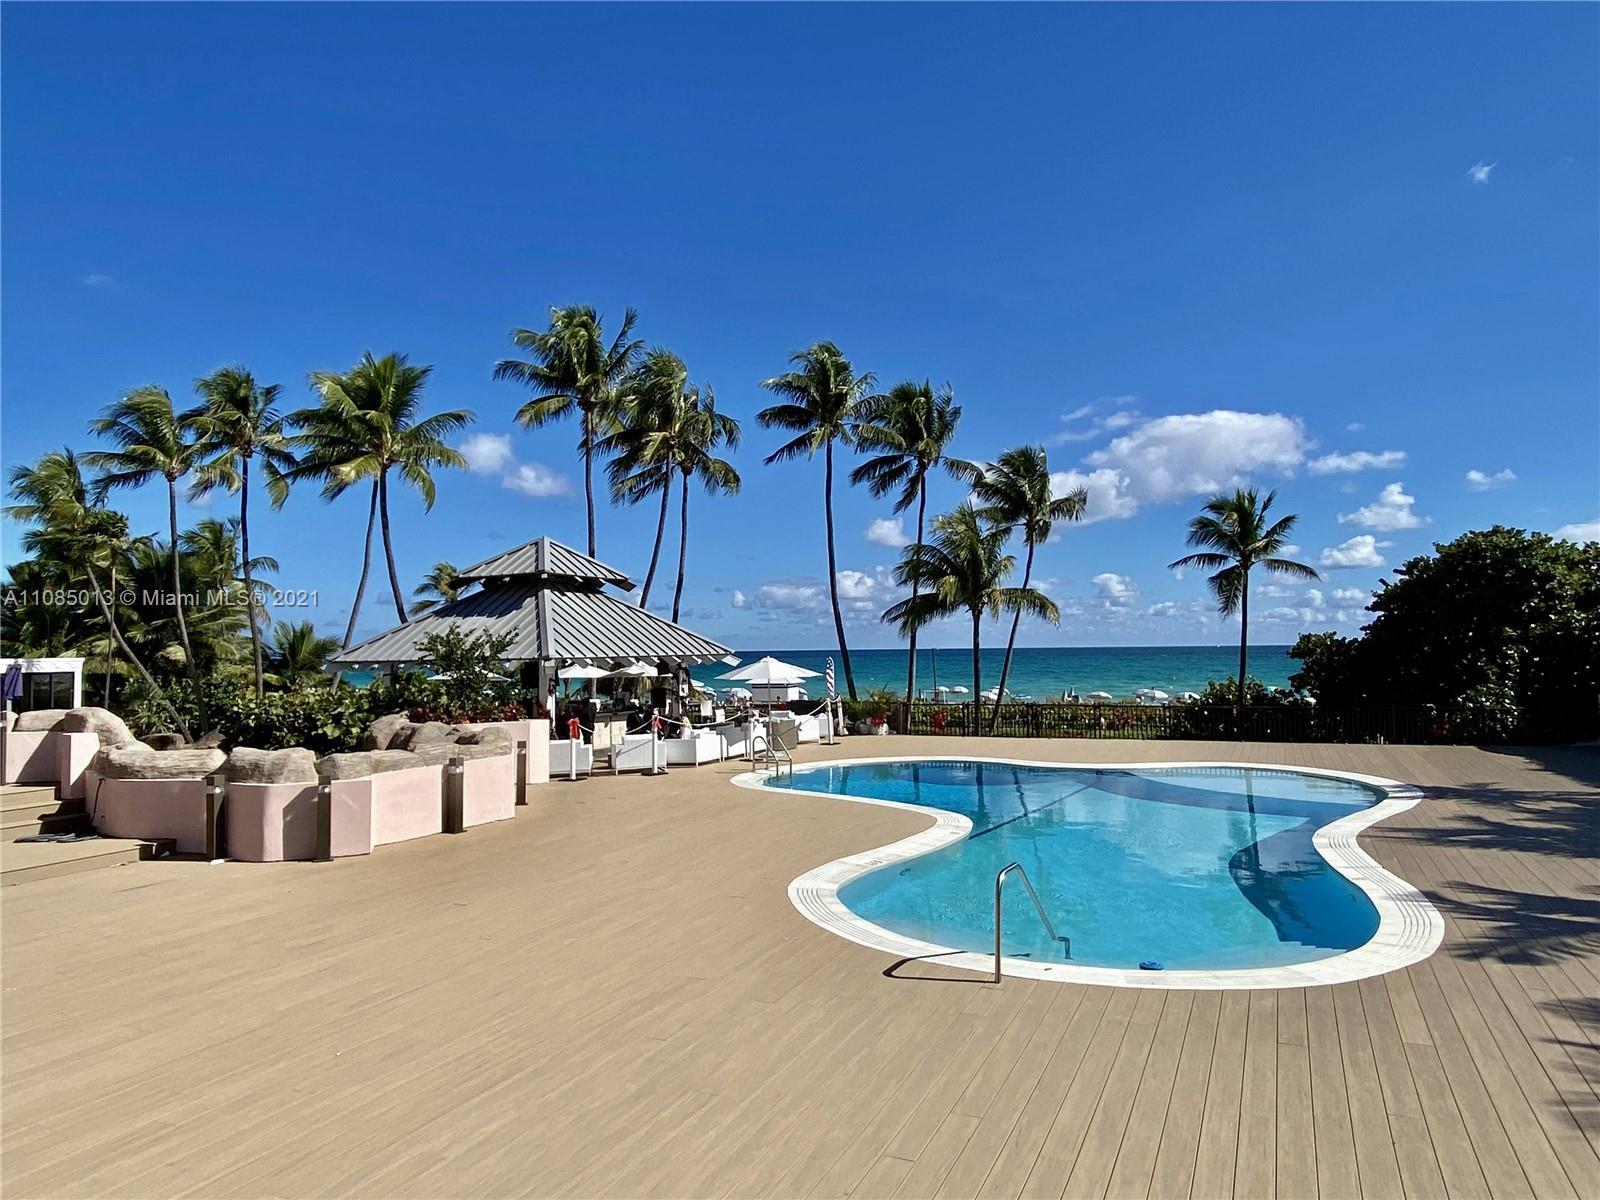 5225 Collins Ave Unit 407, Miami Beach, Florida 33140